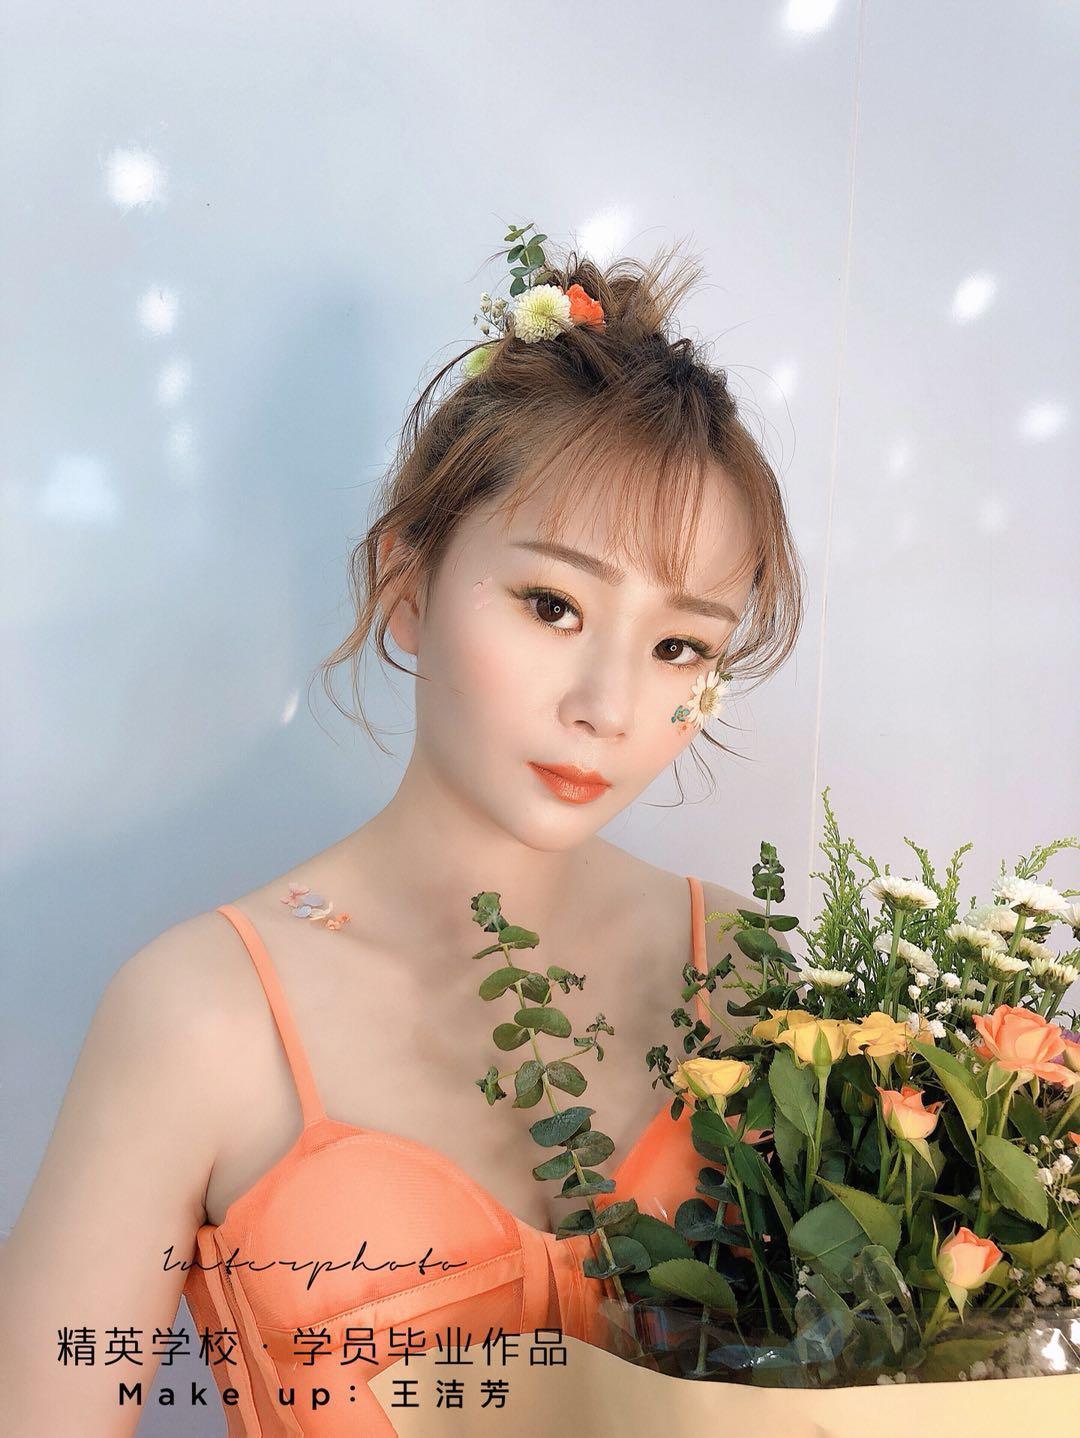 深圳化妝學校精英化妝學校6月畢業學員畢業作品圖片8